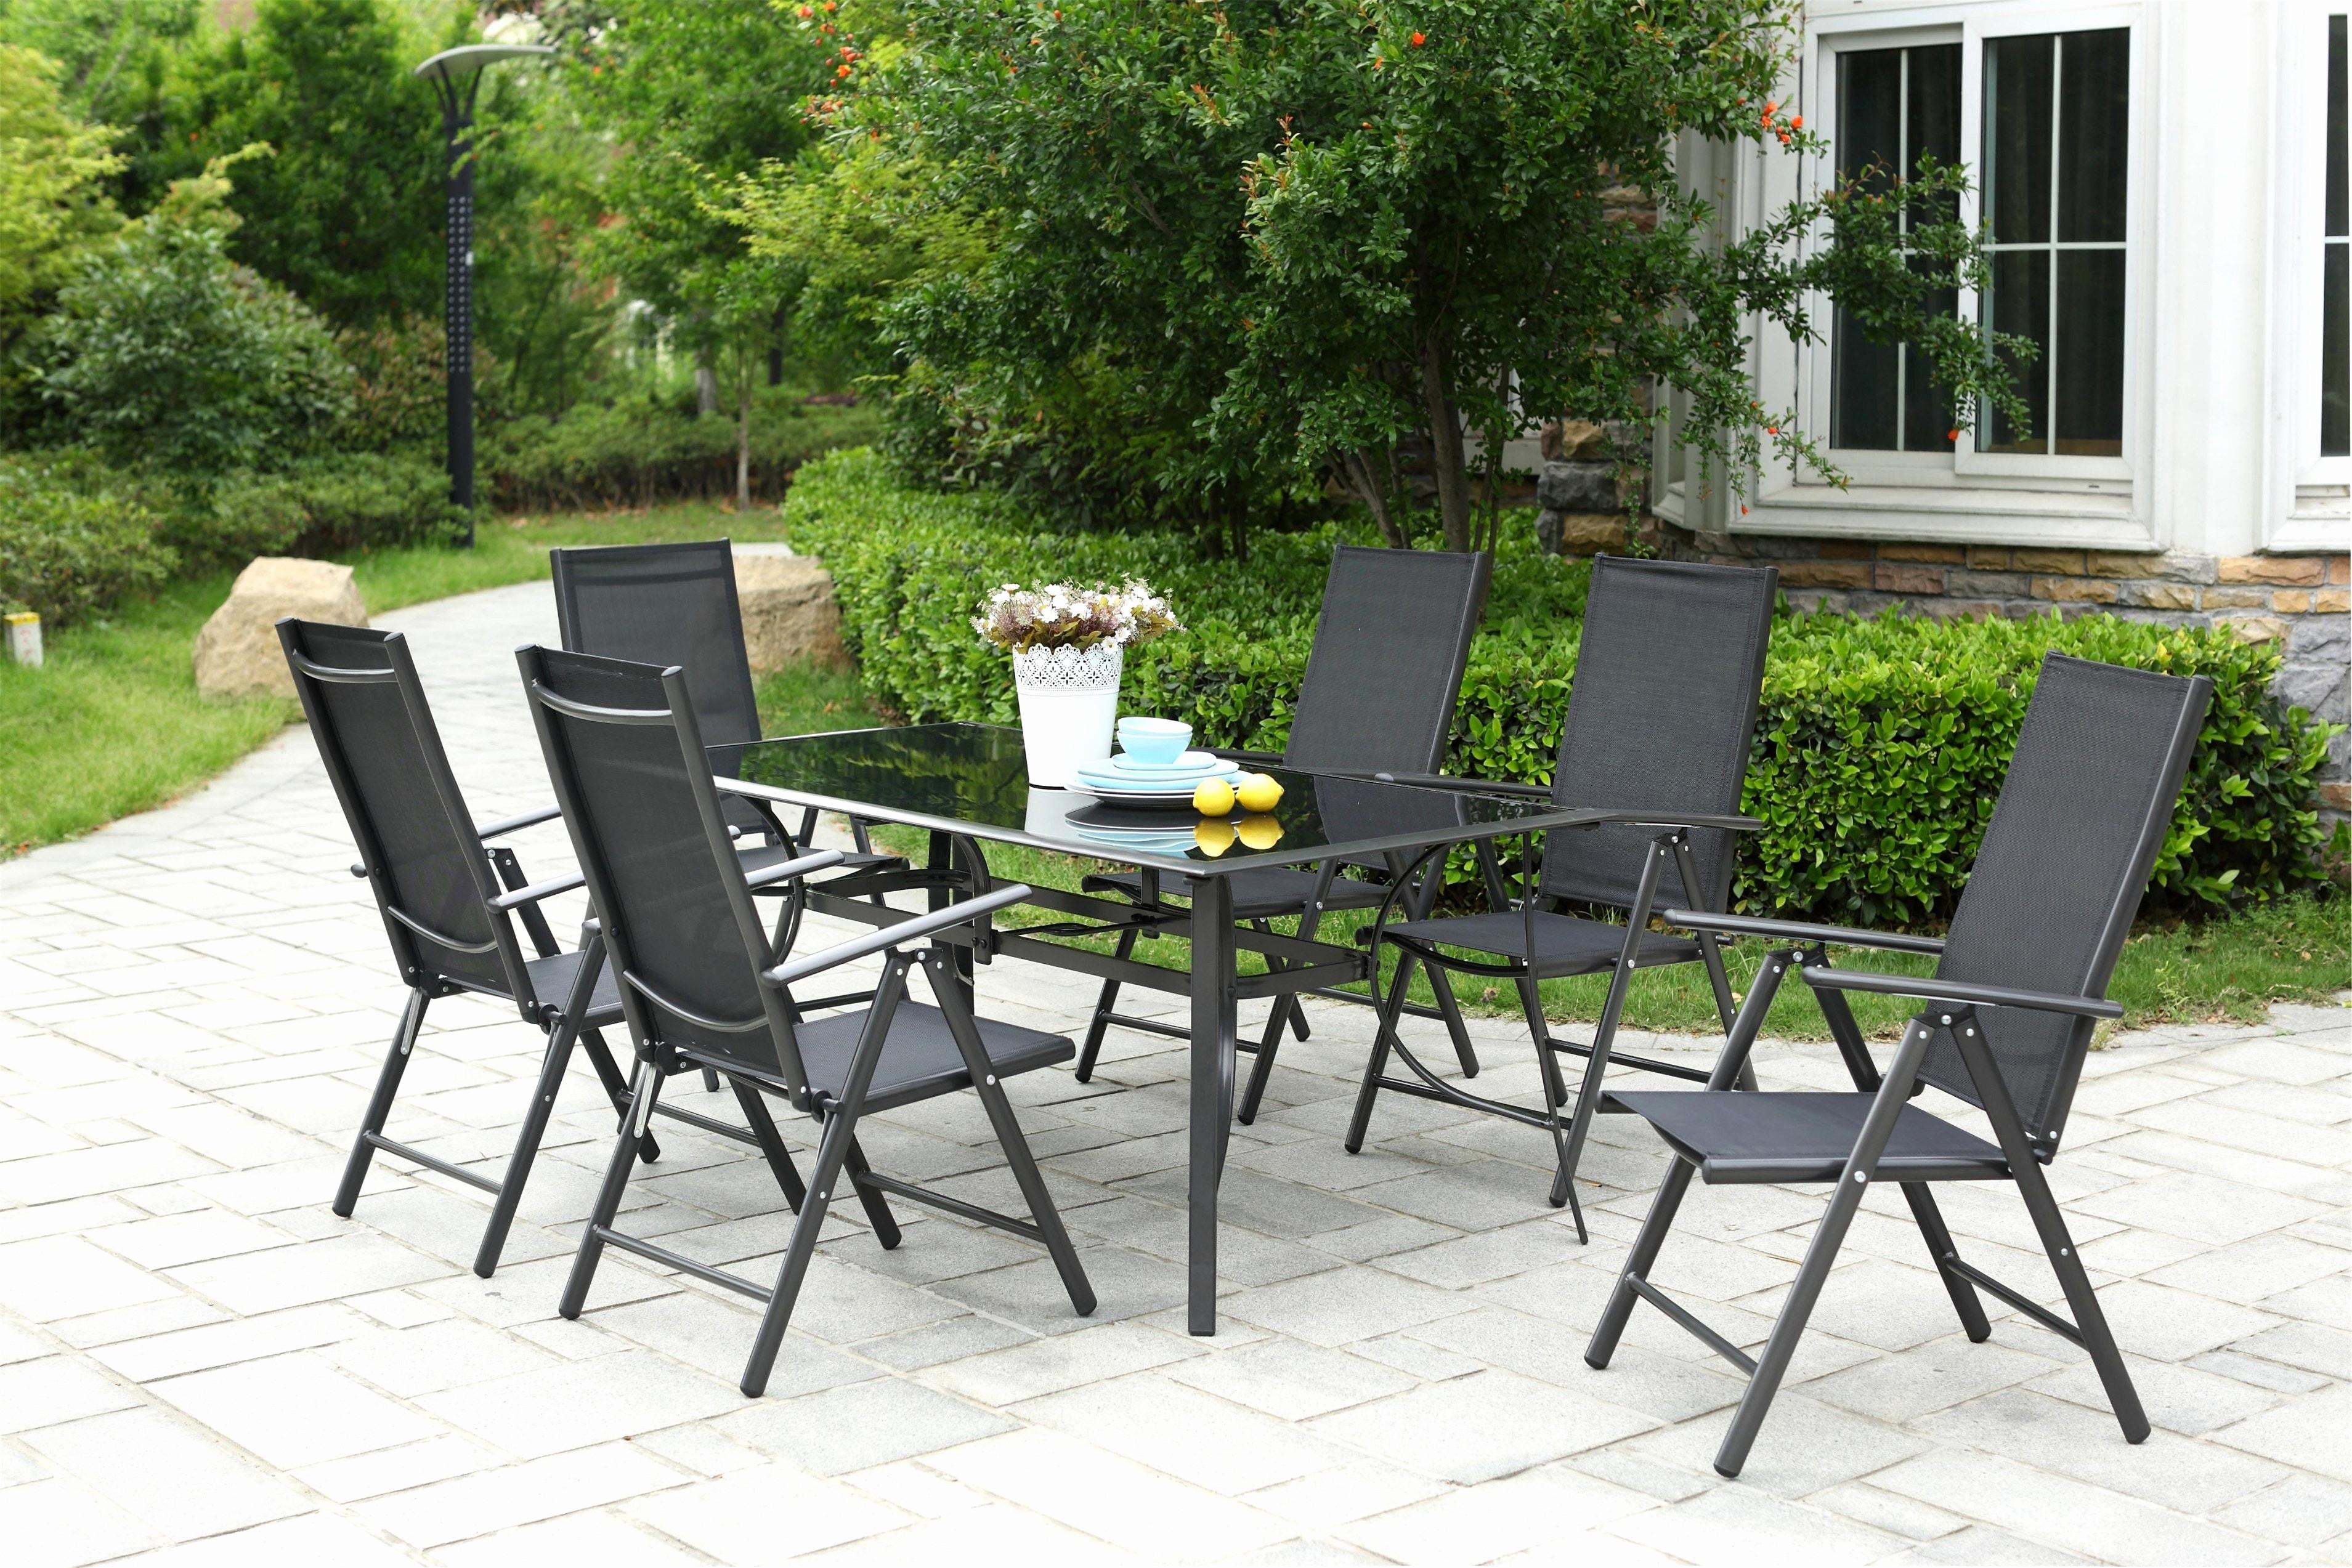 Rocking Chair Exterieur Ikea Meilleur De Stock Chaise Bois Jardin Désign – Sullivanmaxx